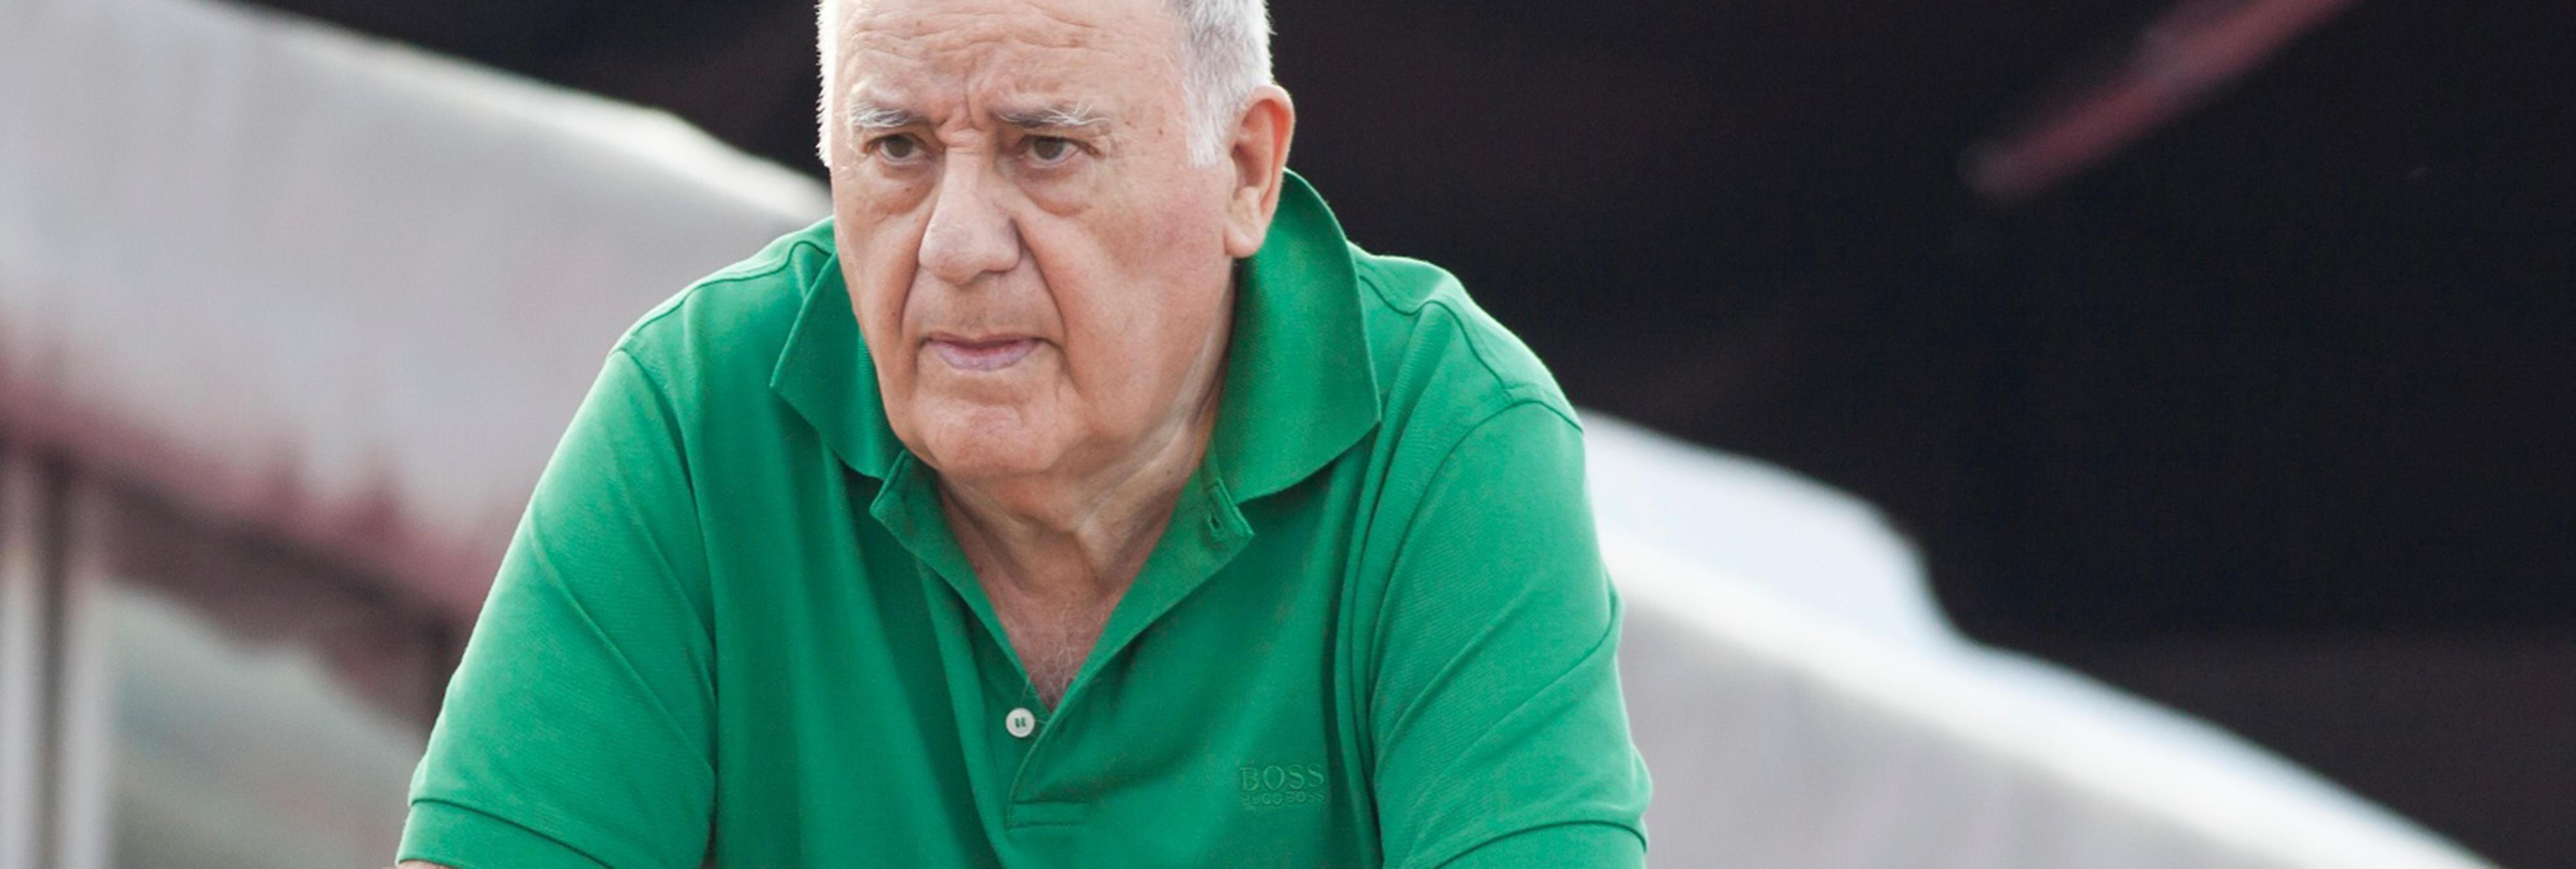 Amancio Ortega ha donado 320 millones de euros para equipos oncológicos